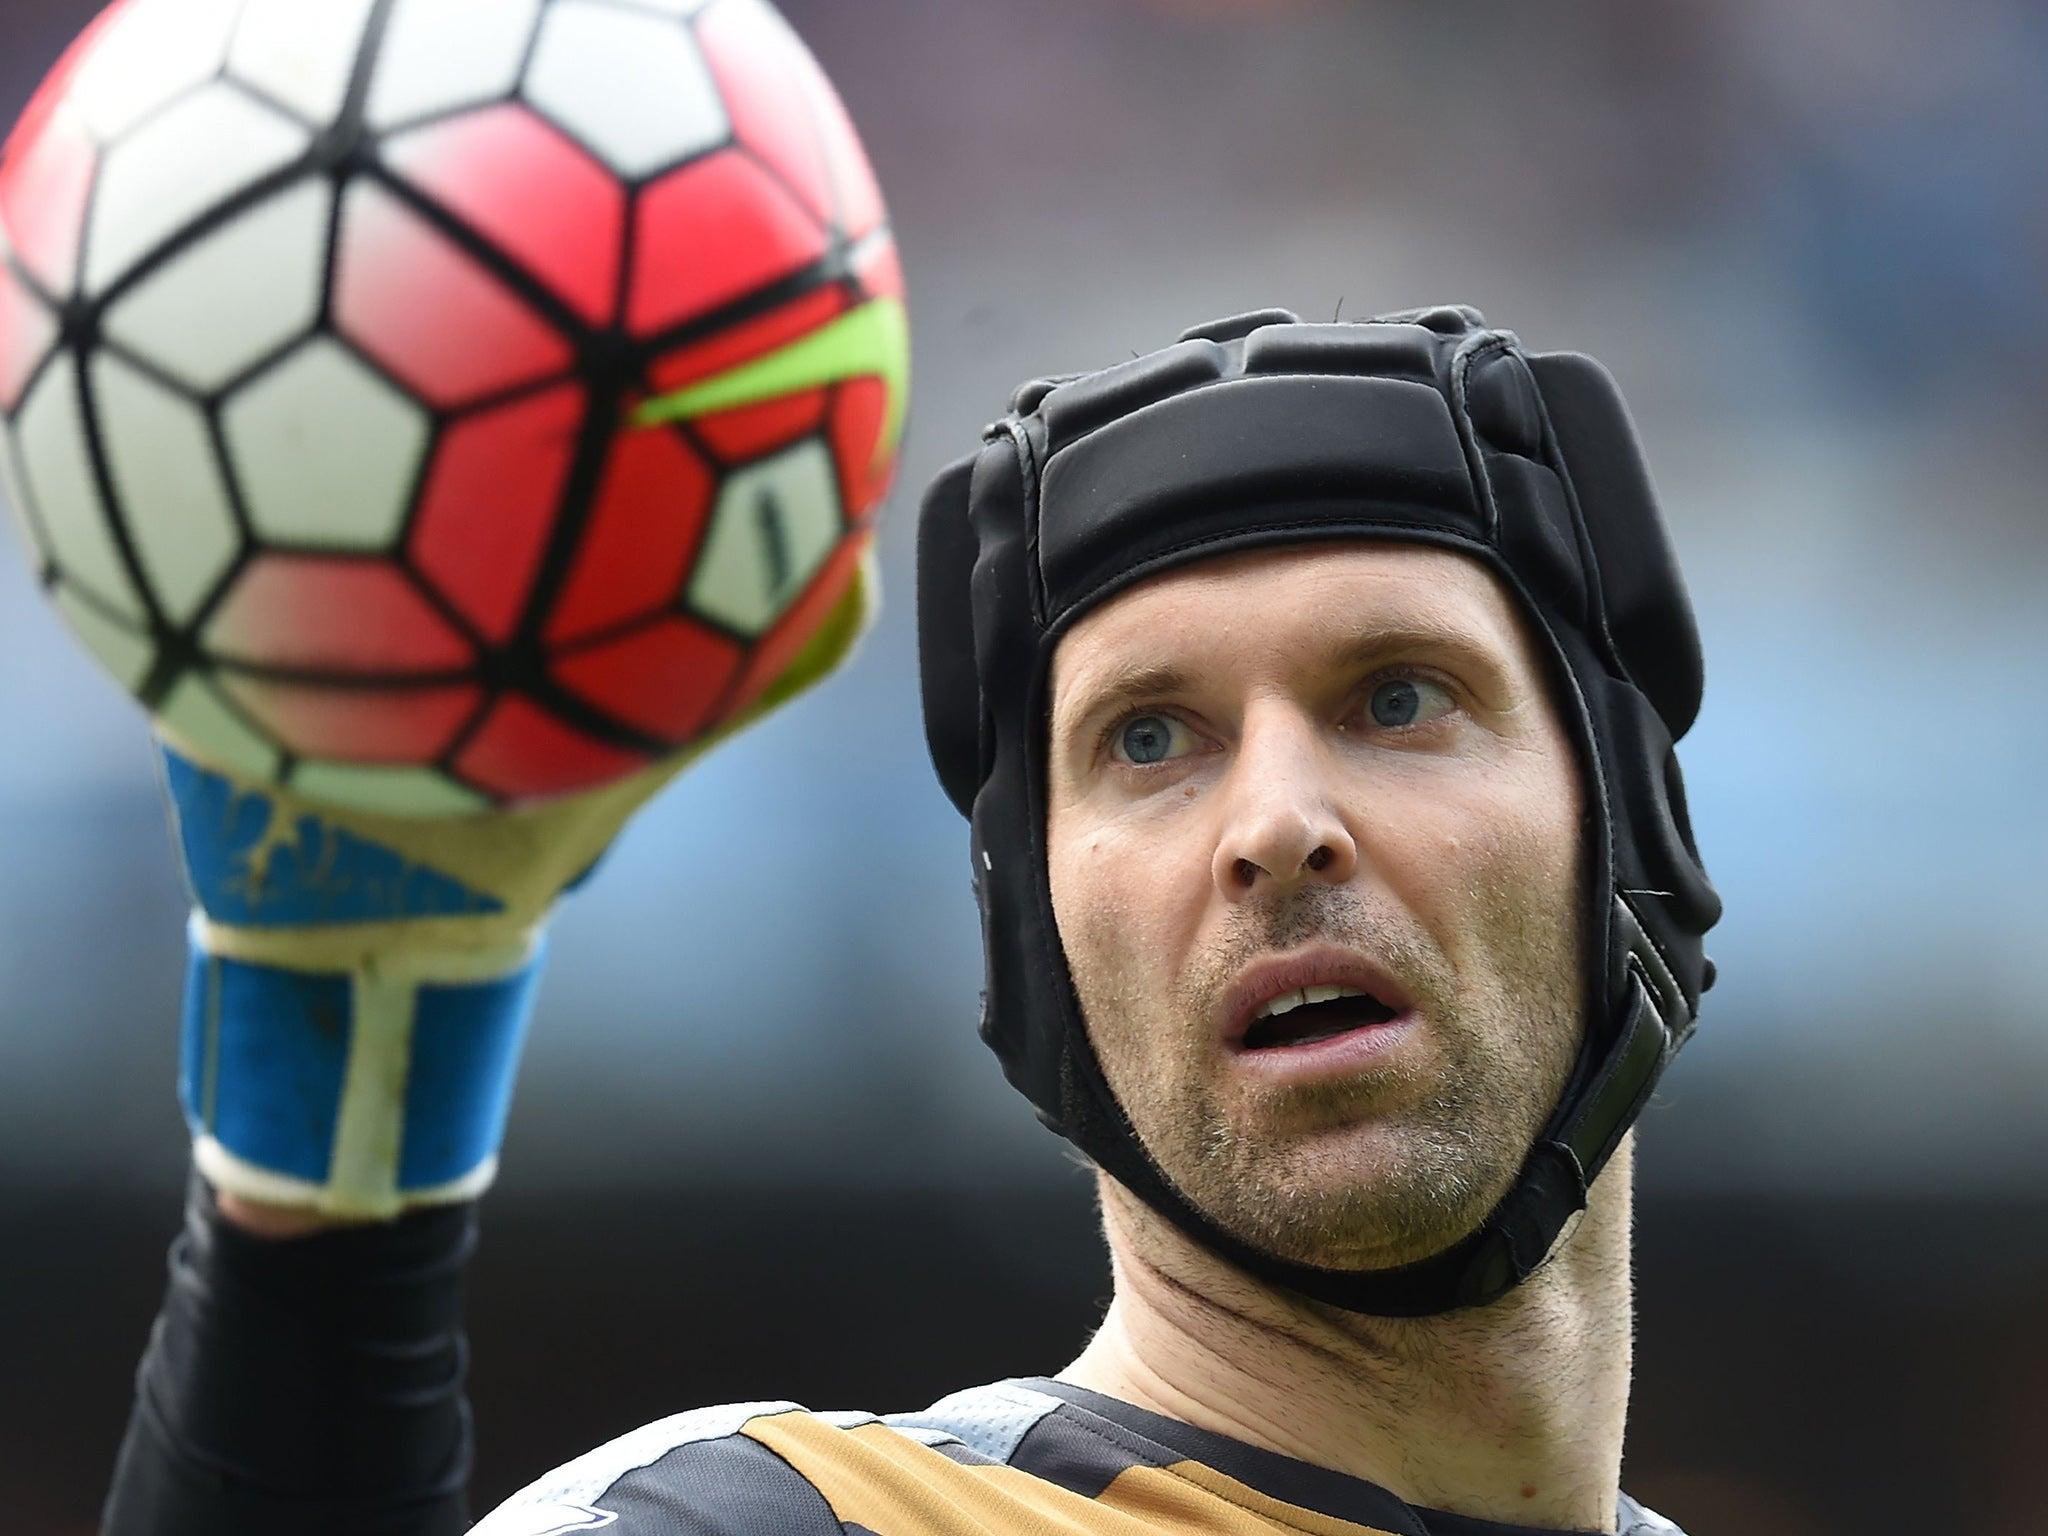 Petr Cech: Arsenal goalkeeper wins Premier League Golden Glove award ahead of David De Gea